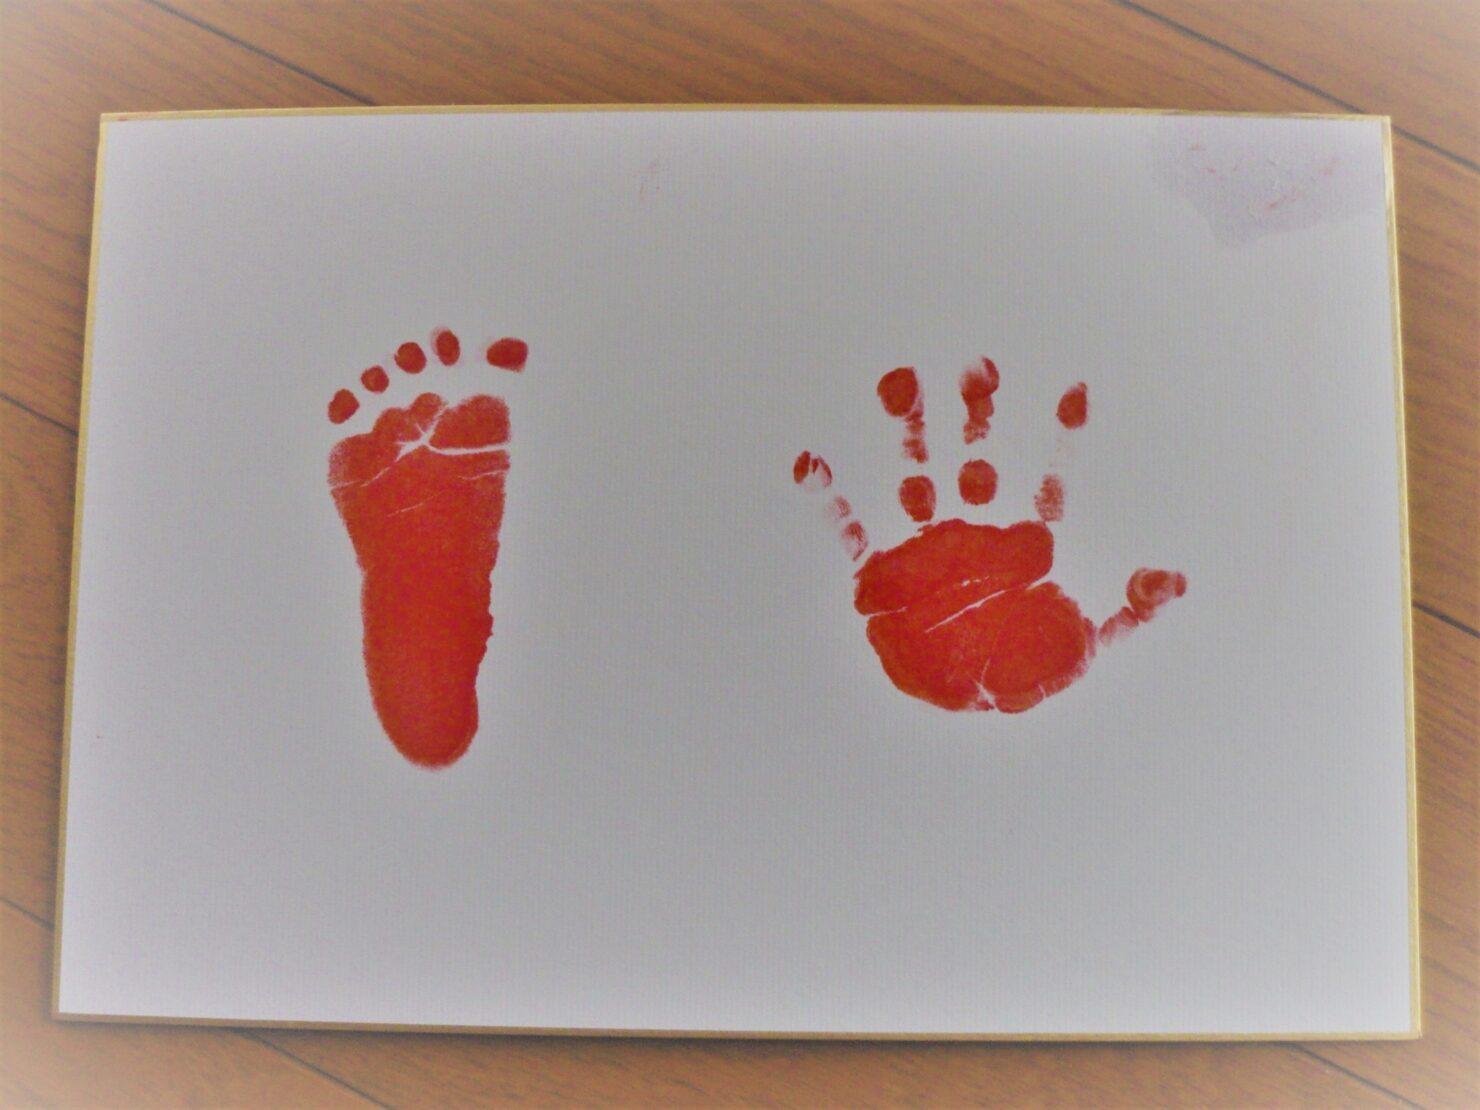 赤ちゃんの手形や足形はいつ、どのタイミングで取るべき? 手形をきれいに取るコツやおすすめグッズも紹介